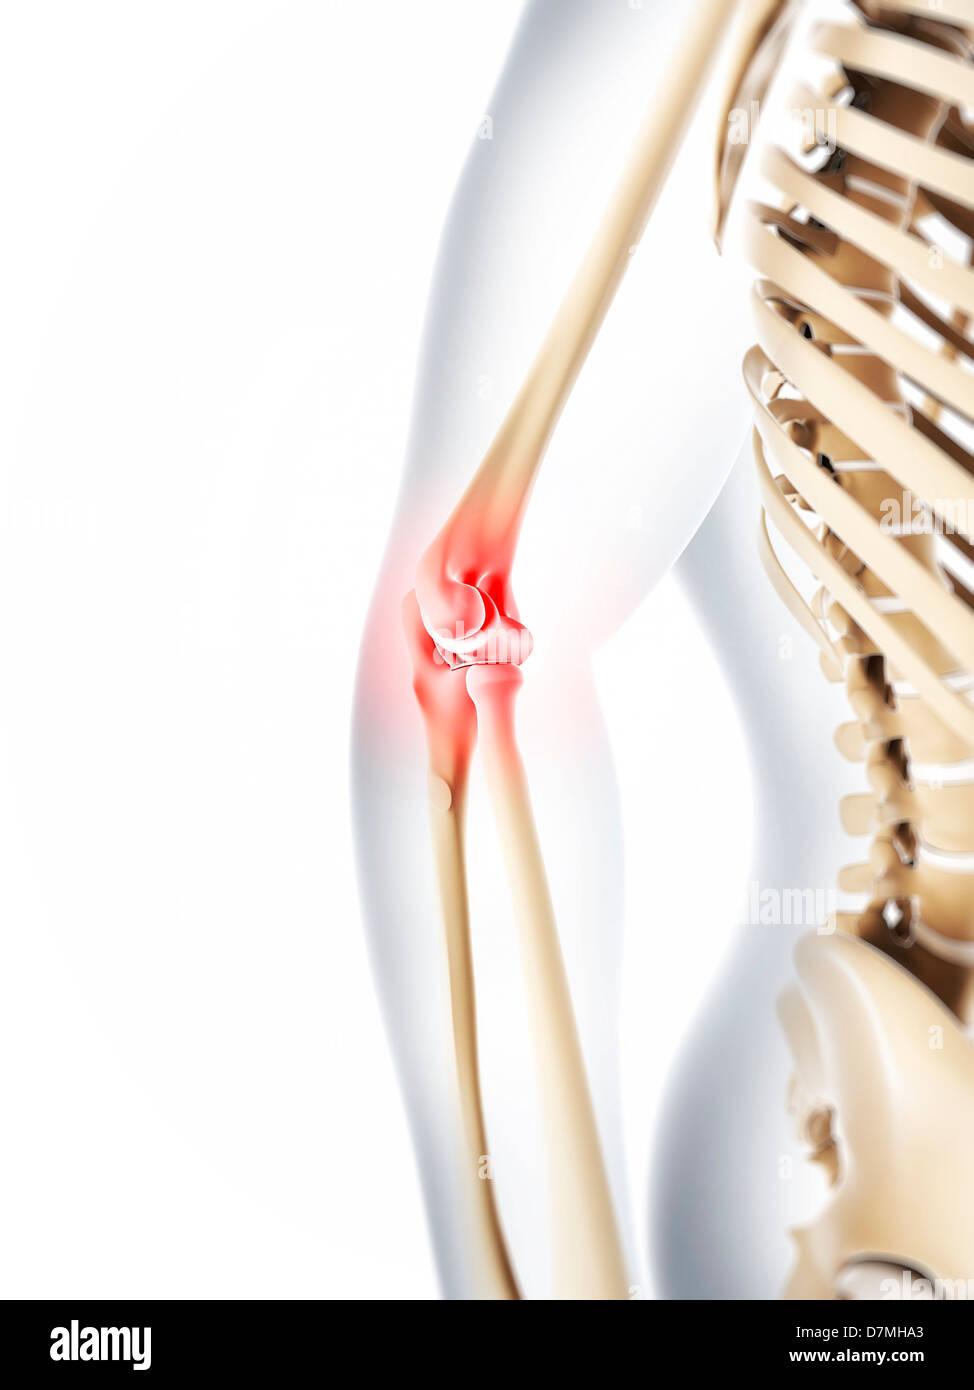 Human Skeleton Arm Elbow Anatomy Stock Photos & Human Skeleton Arm ...